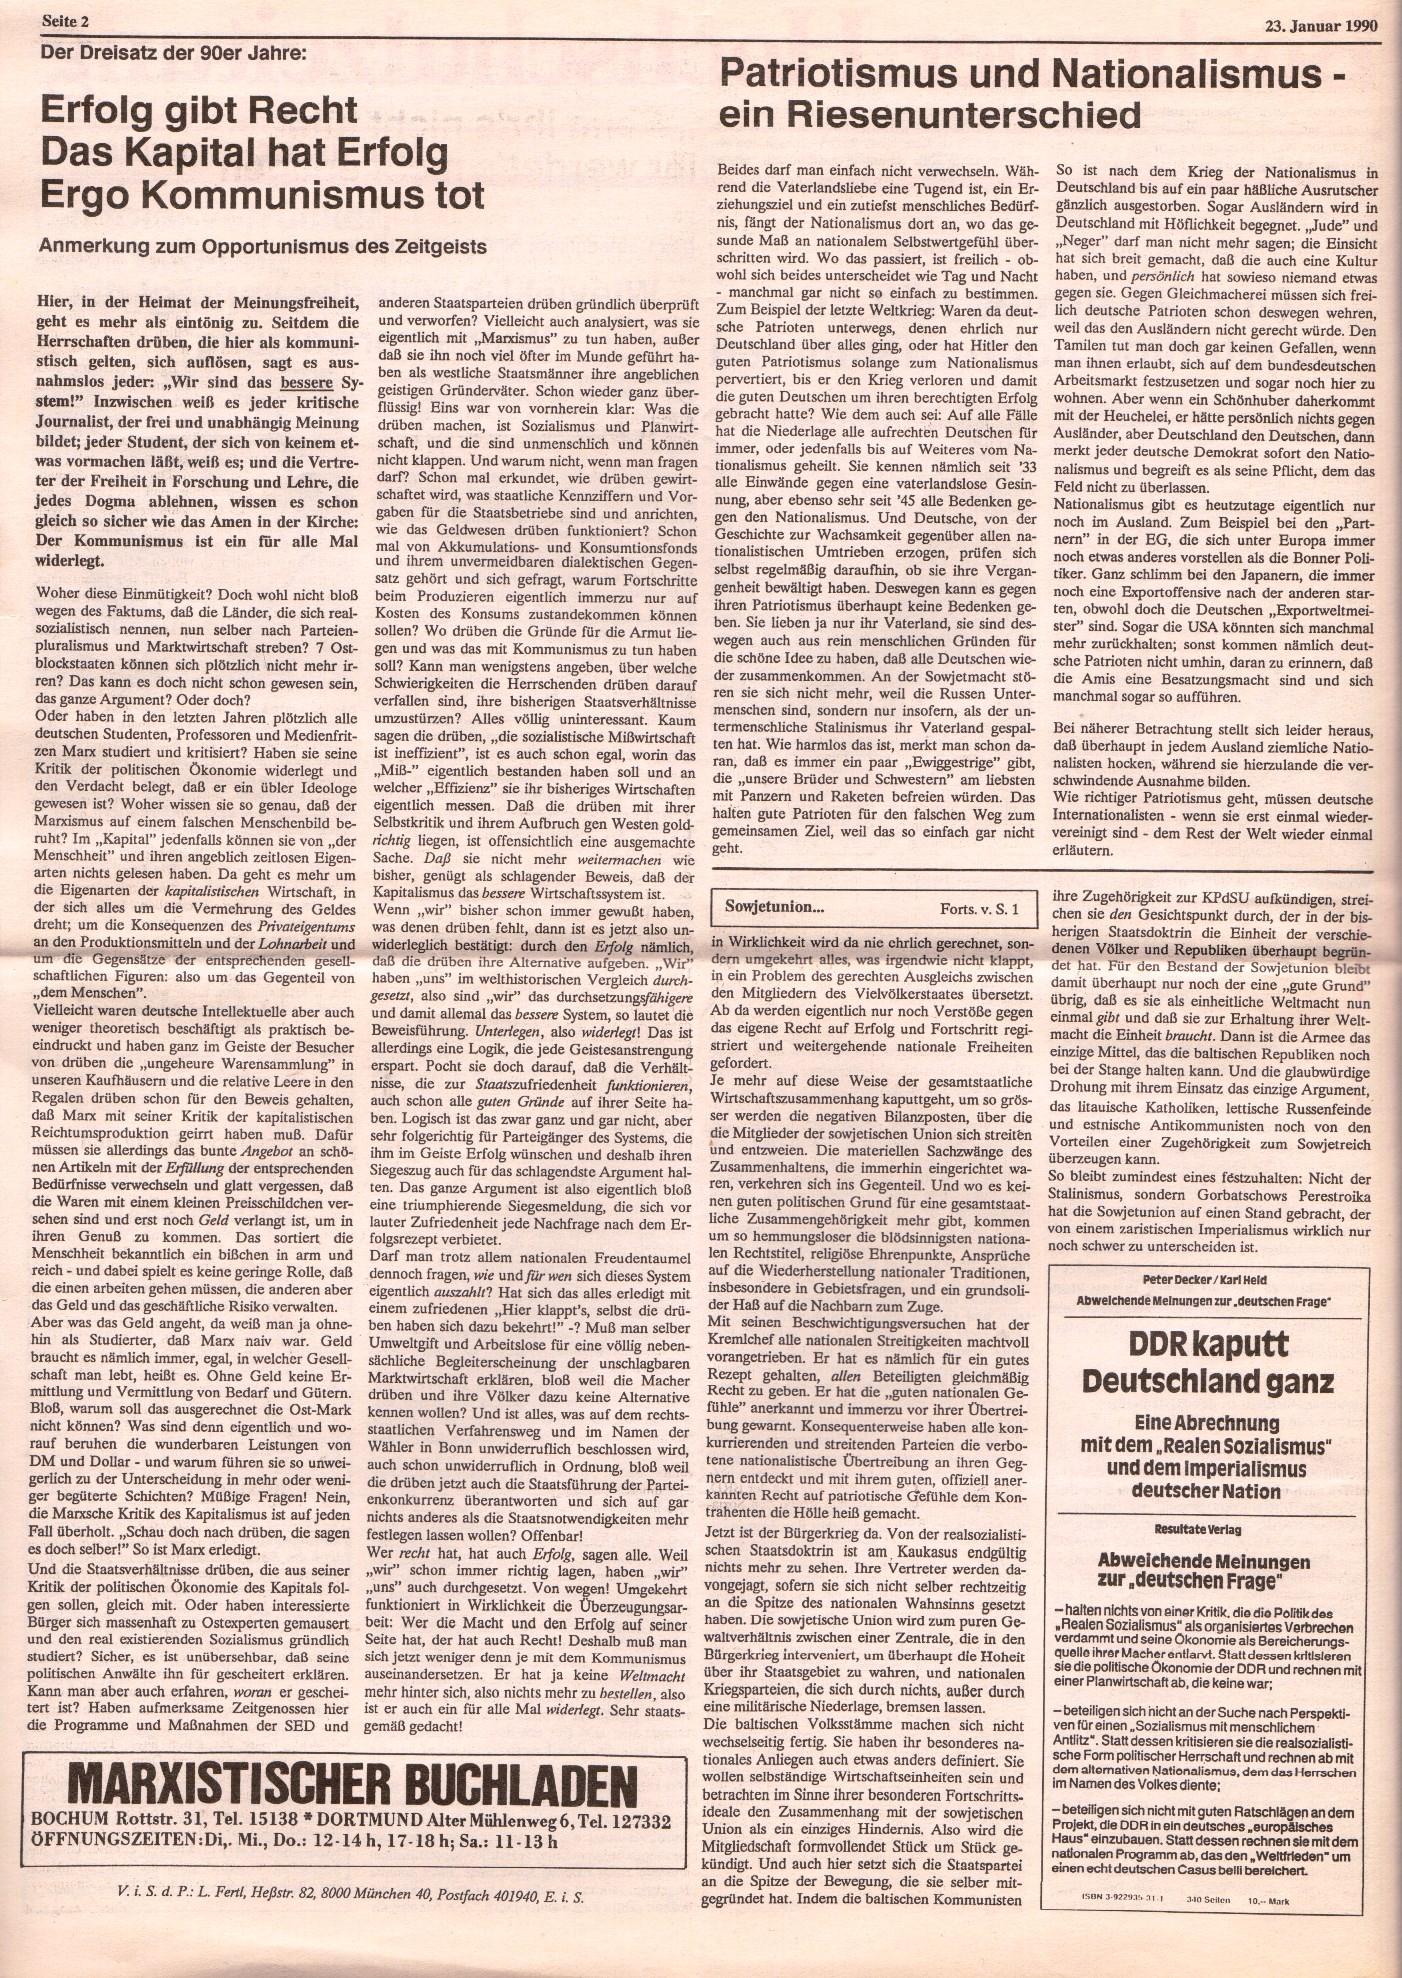 MG_Bochumer_Hochschulzeitung_19900123_02